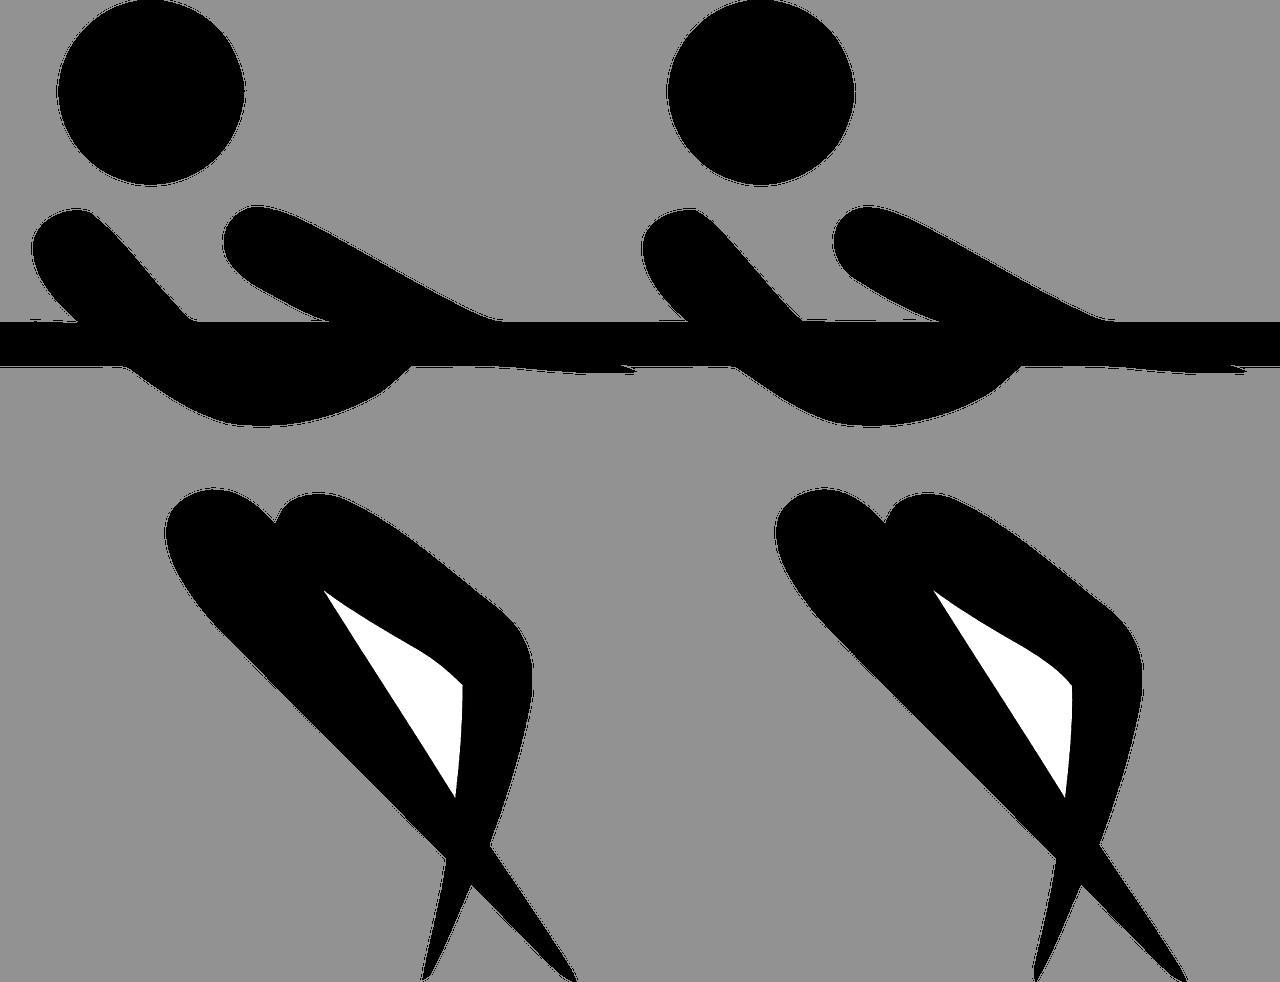 Schlepper Krieg Sport Piktogramm Begriffe